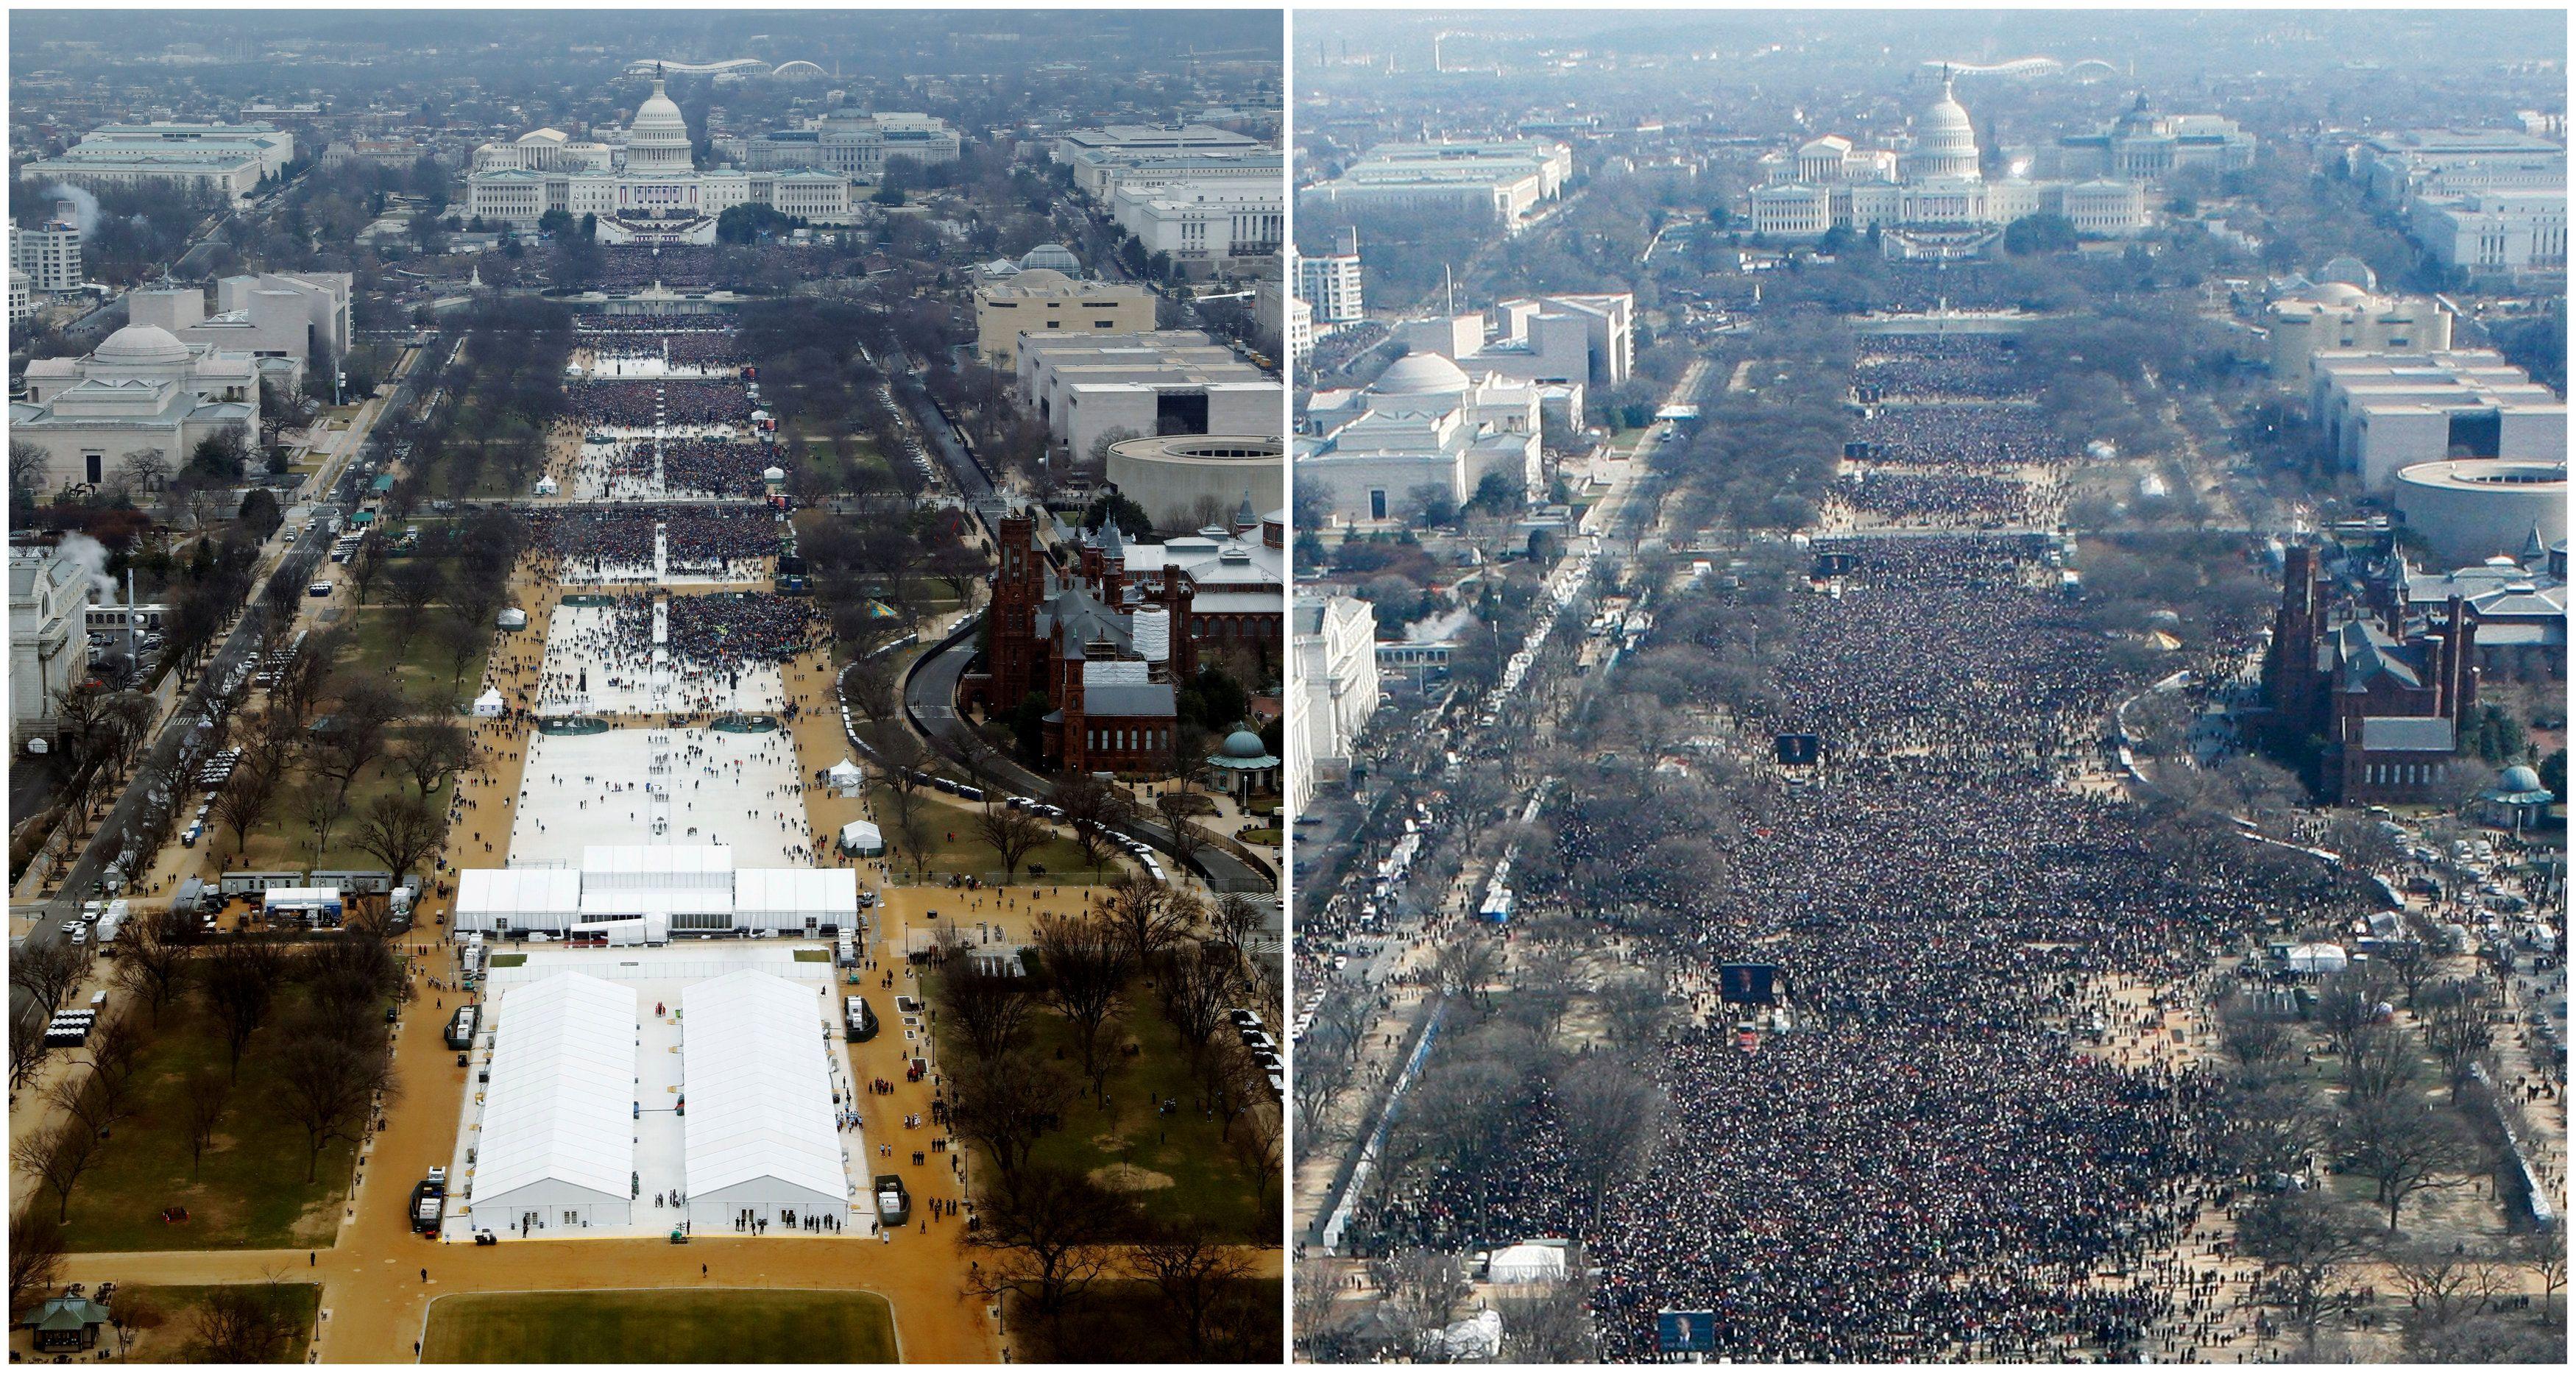 Imagem aérea mostra diferença na multidão entre posse de Trump e Obama